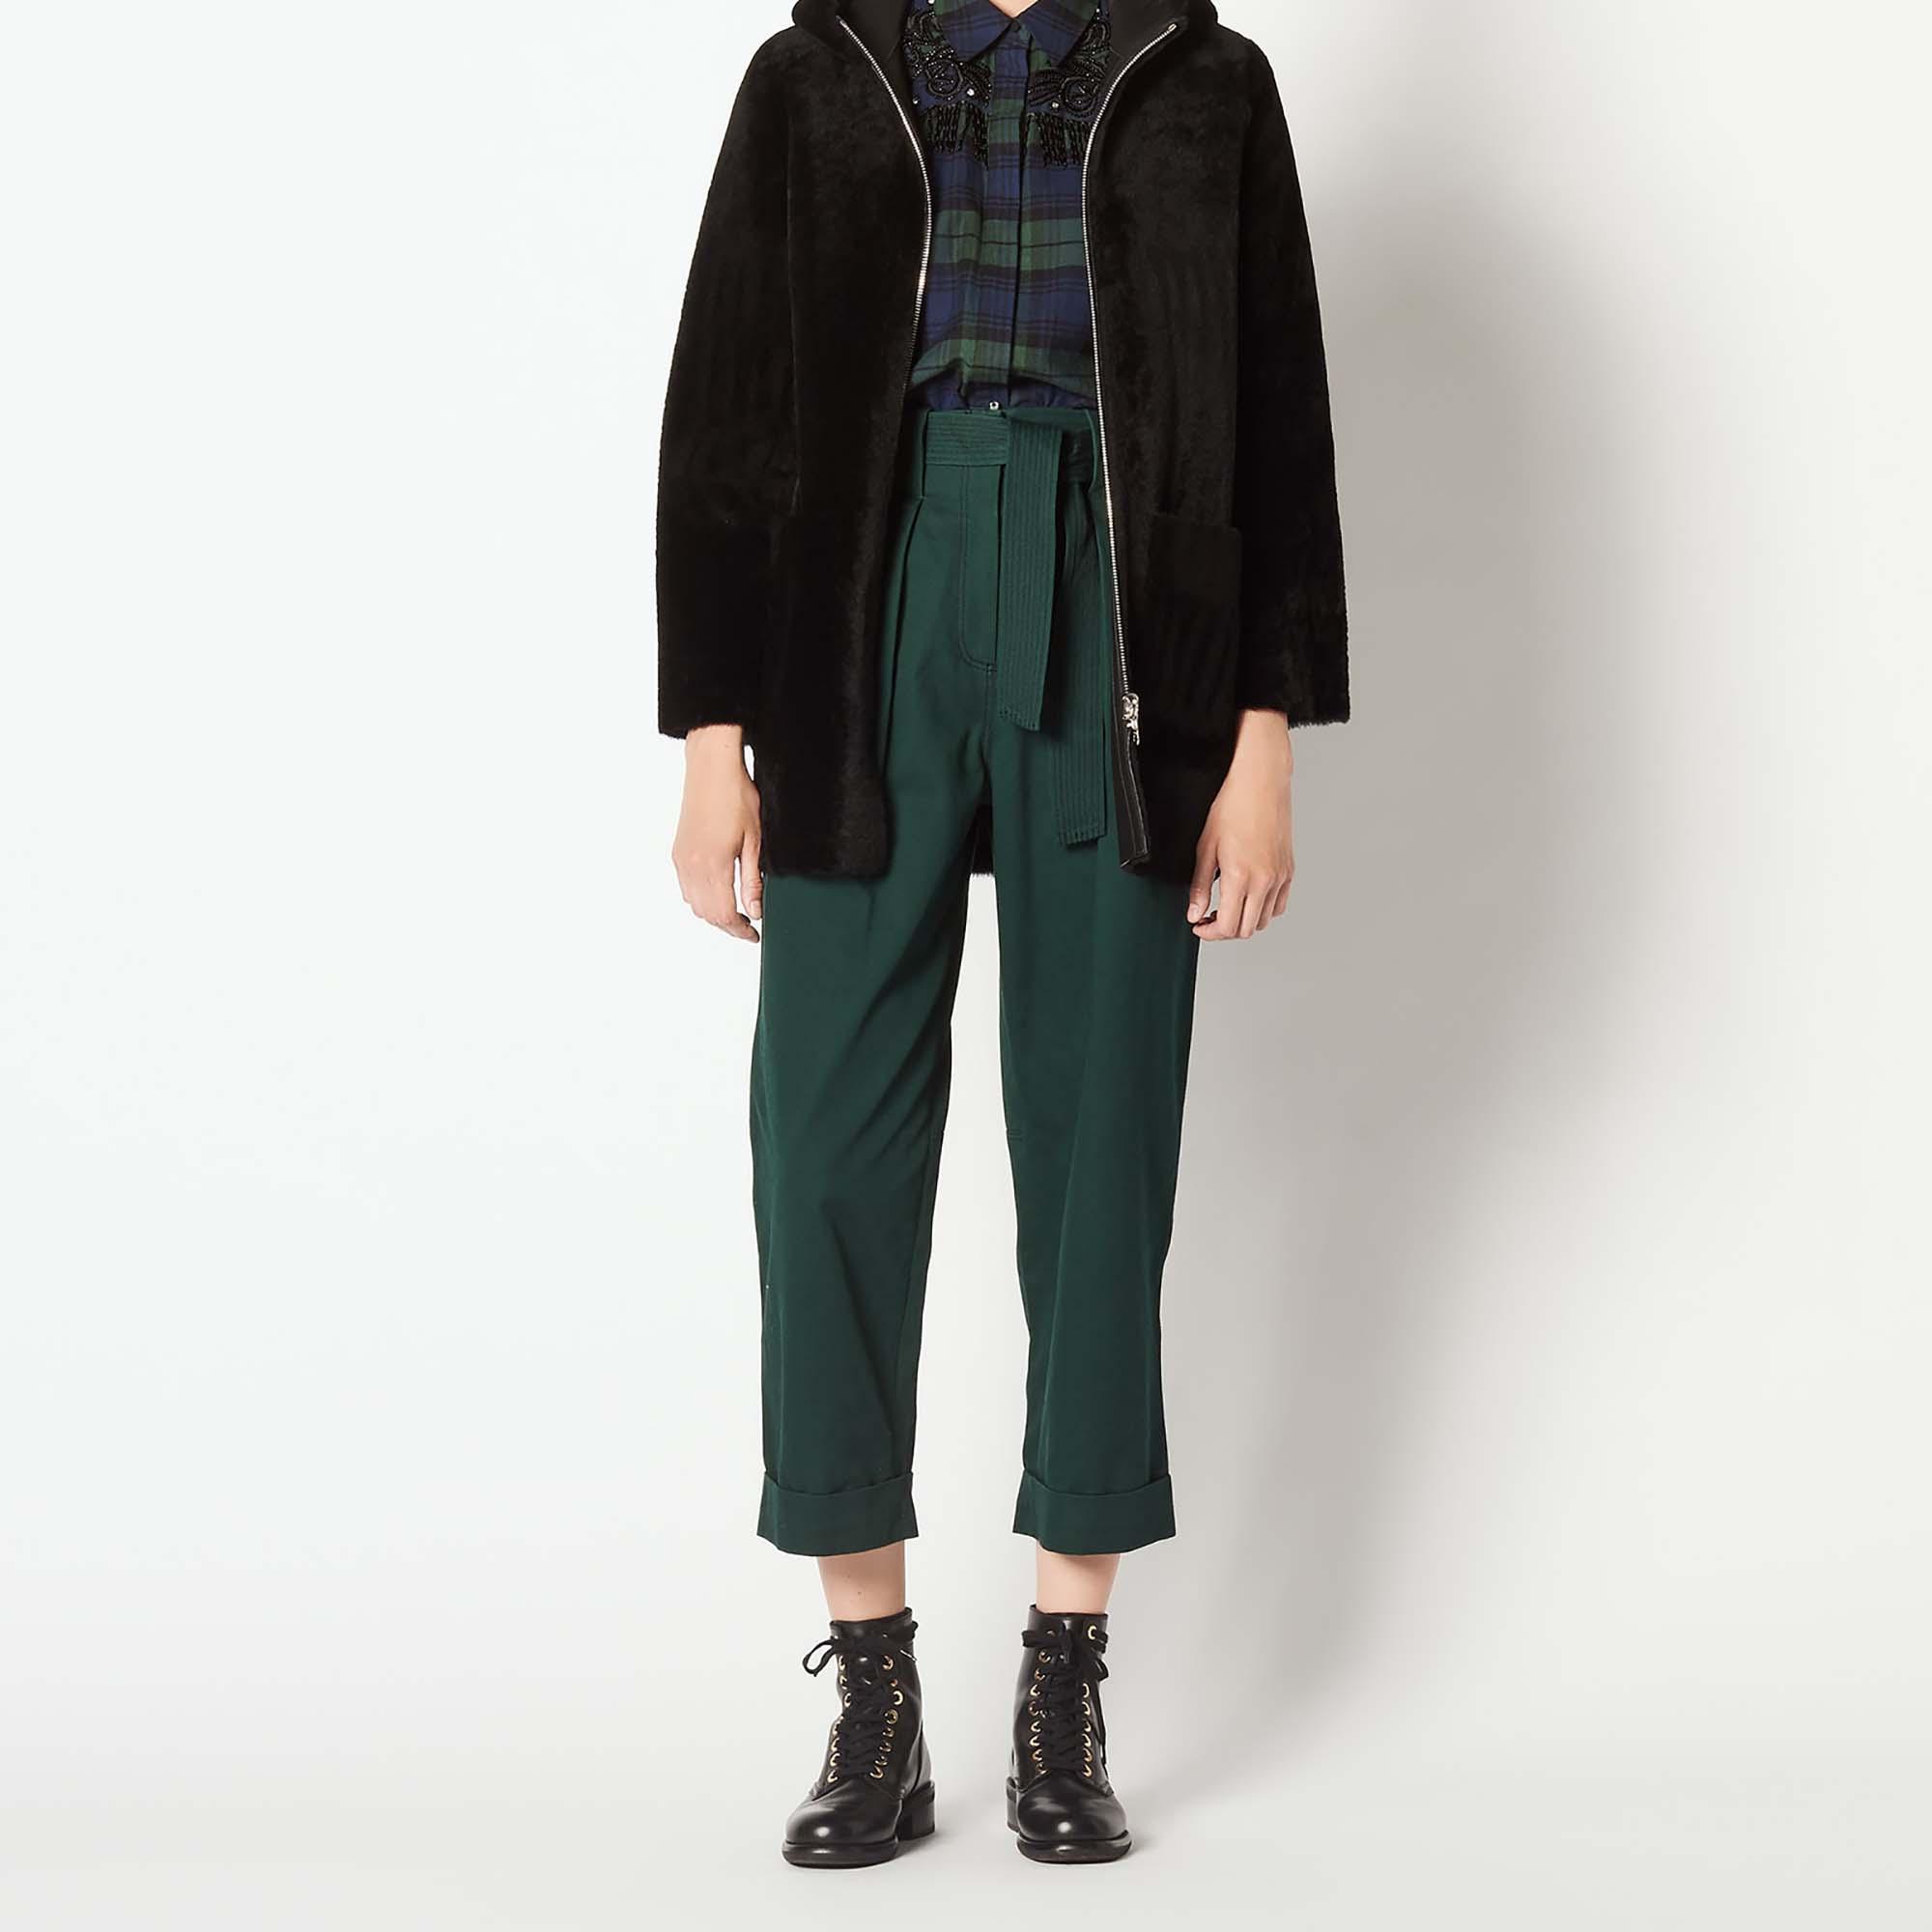 manteau en peau lain e zipp capuche m9715h manteaux. Black Bedroom Furniture Sets. Home Design Ideas